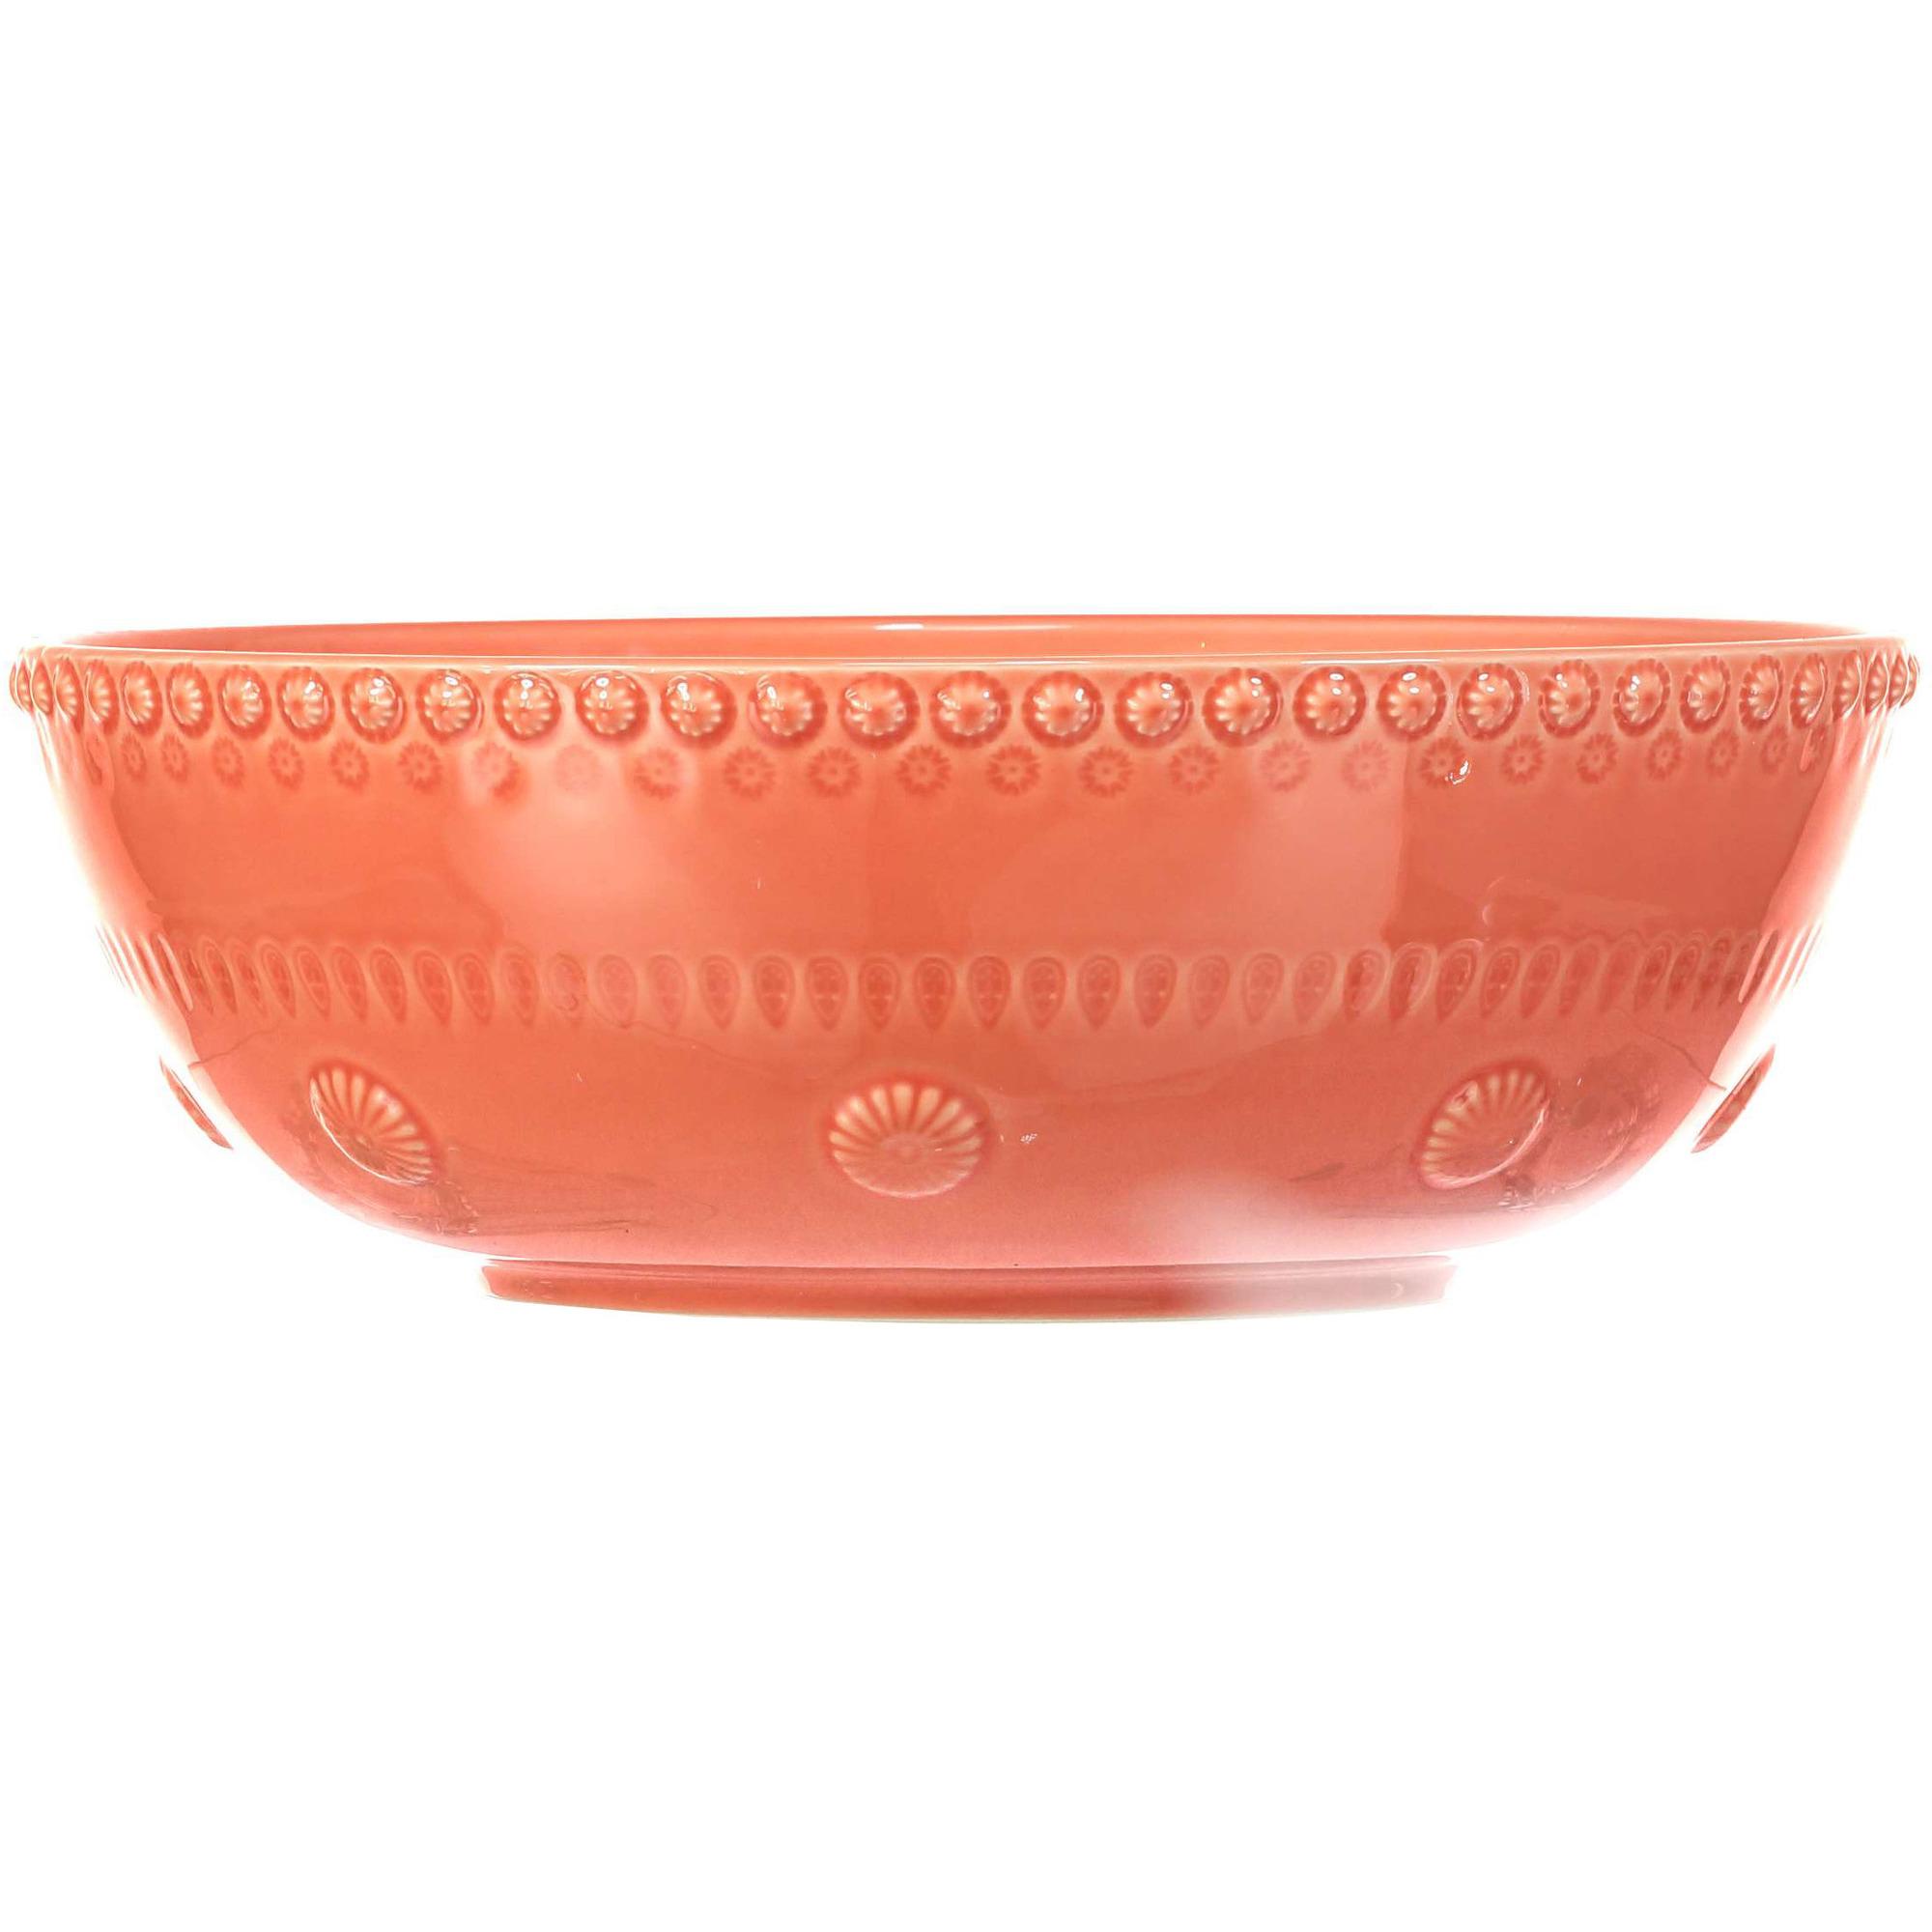 PotteryJo Daisy Salladsskål 30 cm New Tangerine